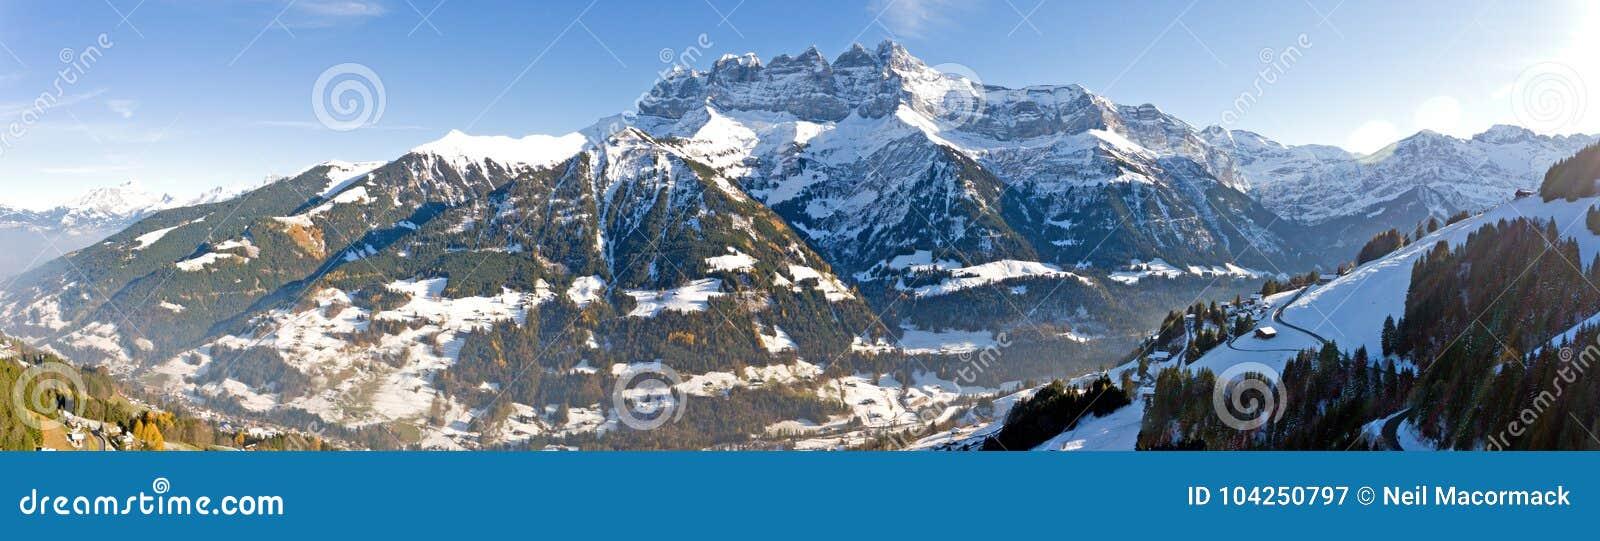 Deuken du die Midi Champery in Zwitserland overzien